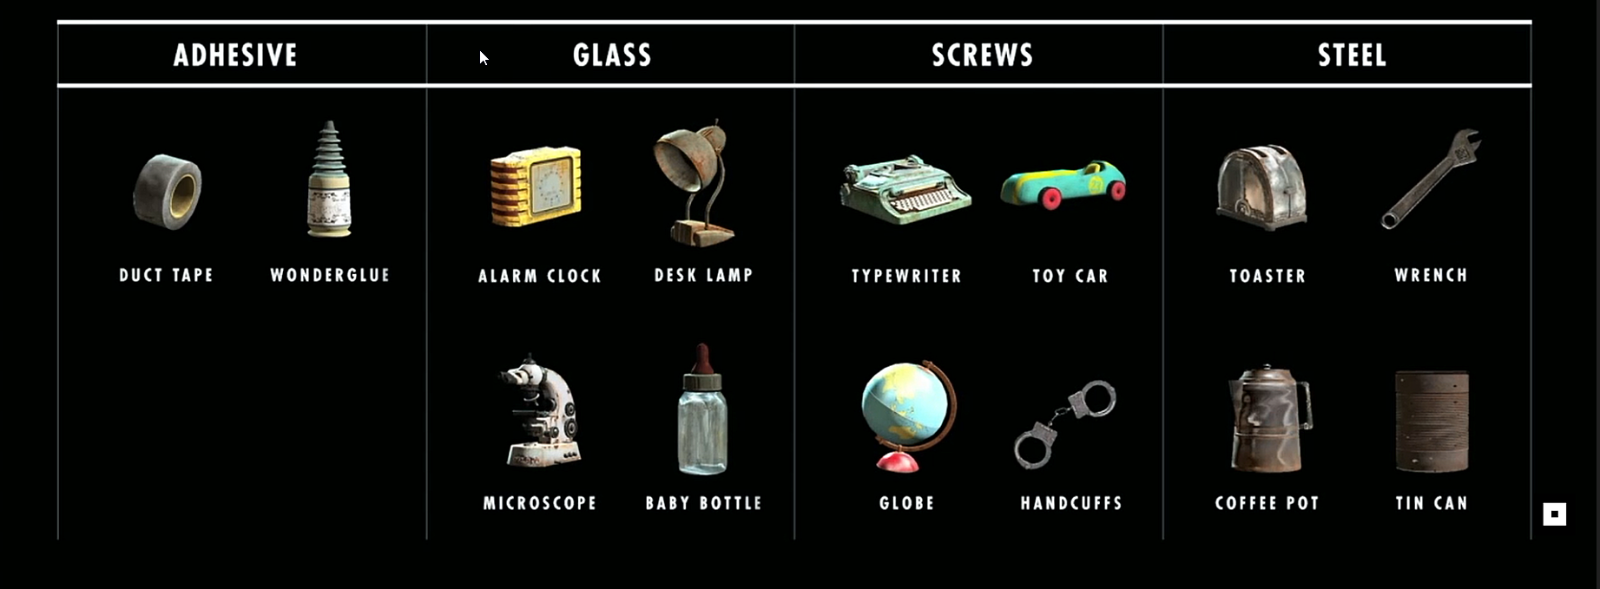 SCRAP PACK (750 of each Junk, Screws, Aluminum, Copper, Screws, Adhesive,etc.) [25500 Total Junk]